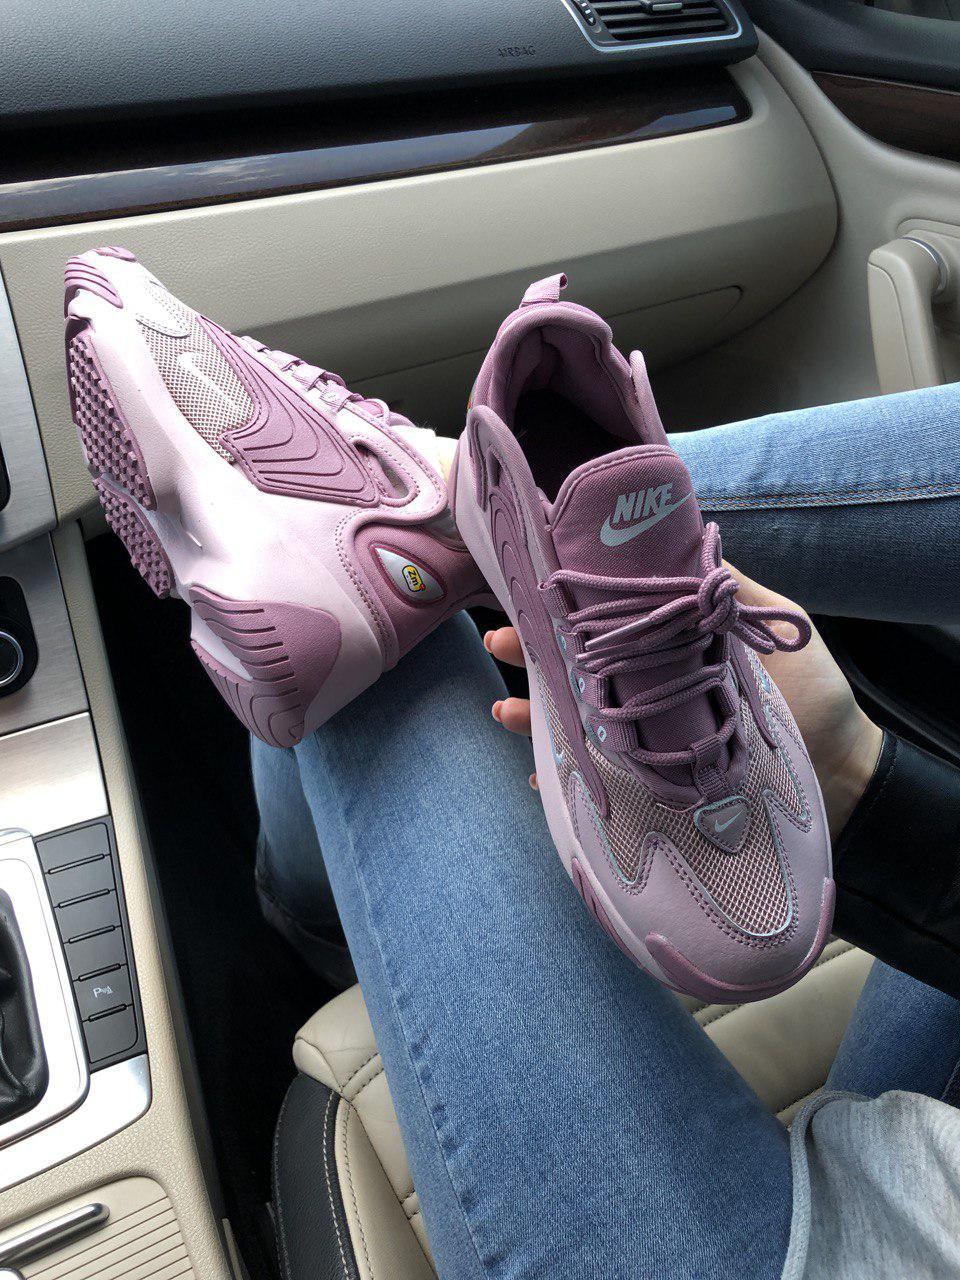 5c76a5bf ... Nike Wmns Zoom 2K Plum Dust/ Pale Pink   кроссовки женские; сиреневые /  розовые ...